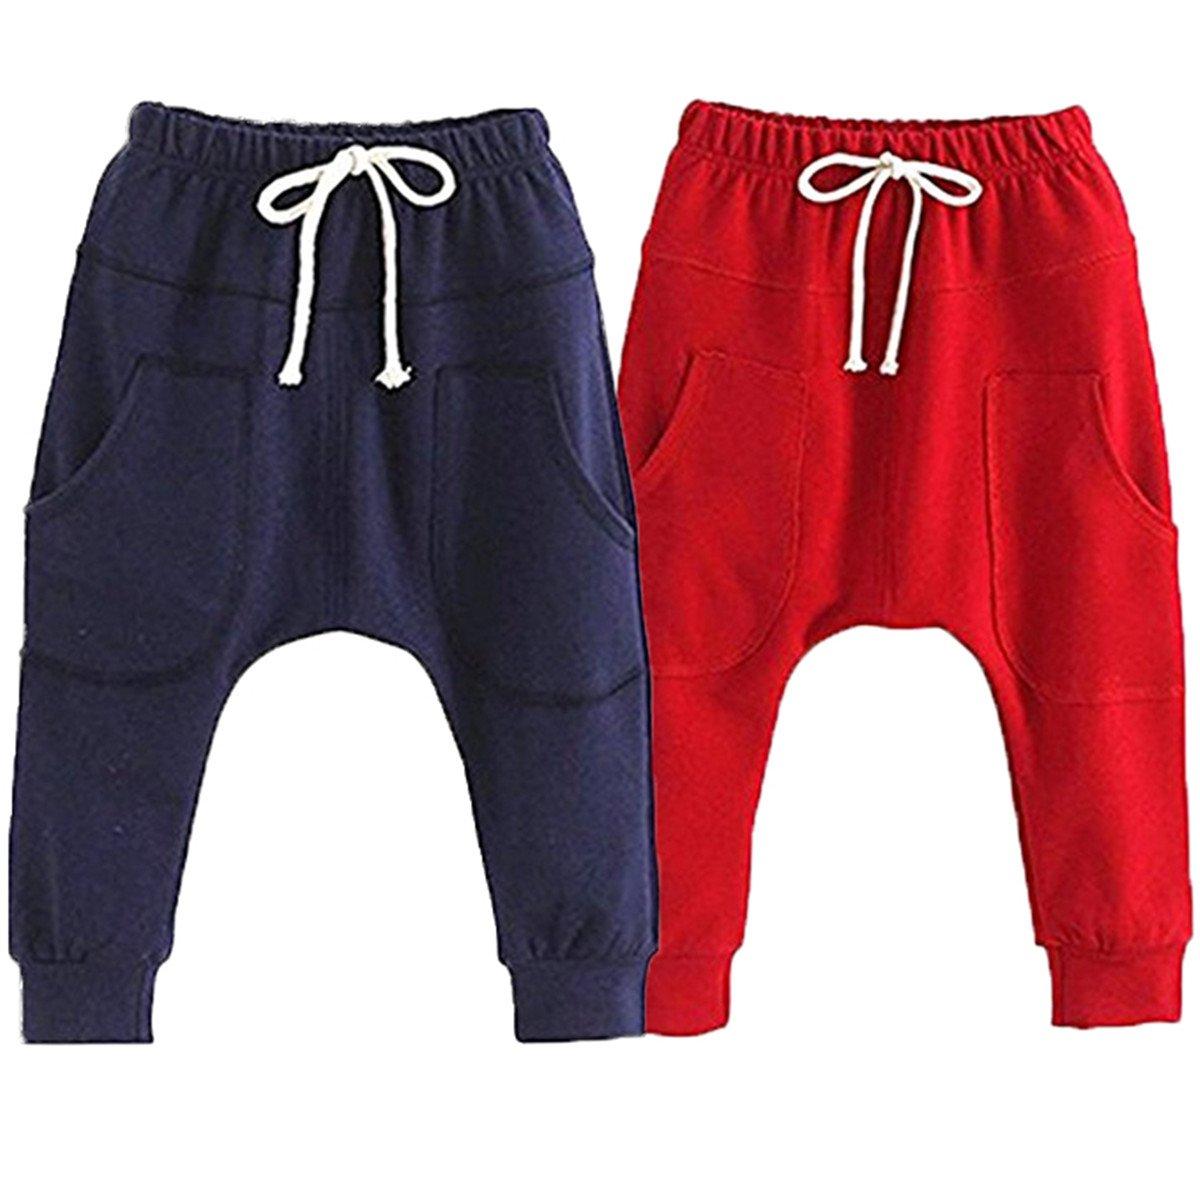 Little Baby Boys Girls 2 Pack Of Cotton Hiphop Harem Pants Infant Sport Jogger 3T-4T  Pants-b